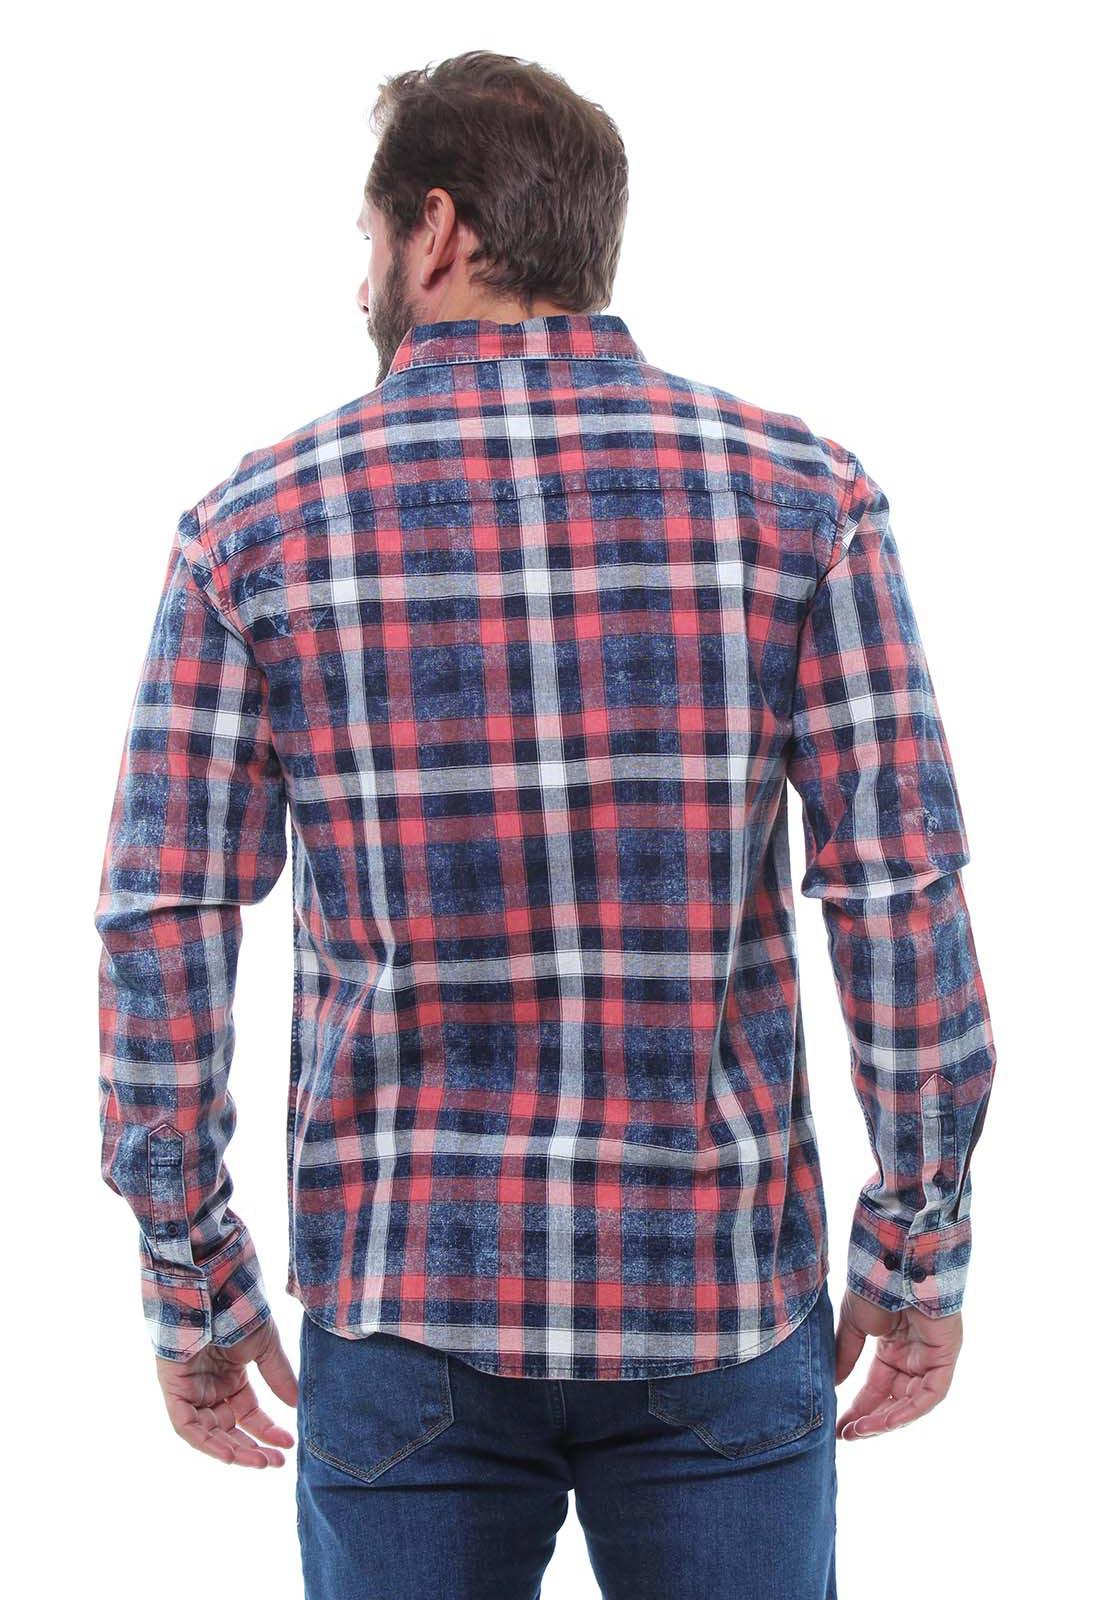 Camisa Masculina Manga Longa Xadrez Estonada Crocker - 46903  - CROCKER JEANS